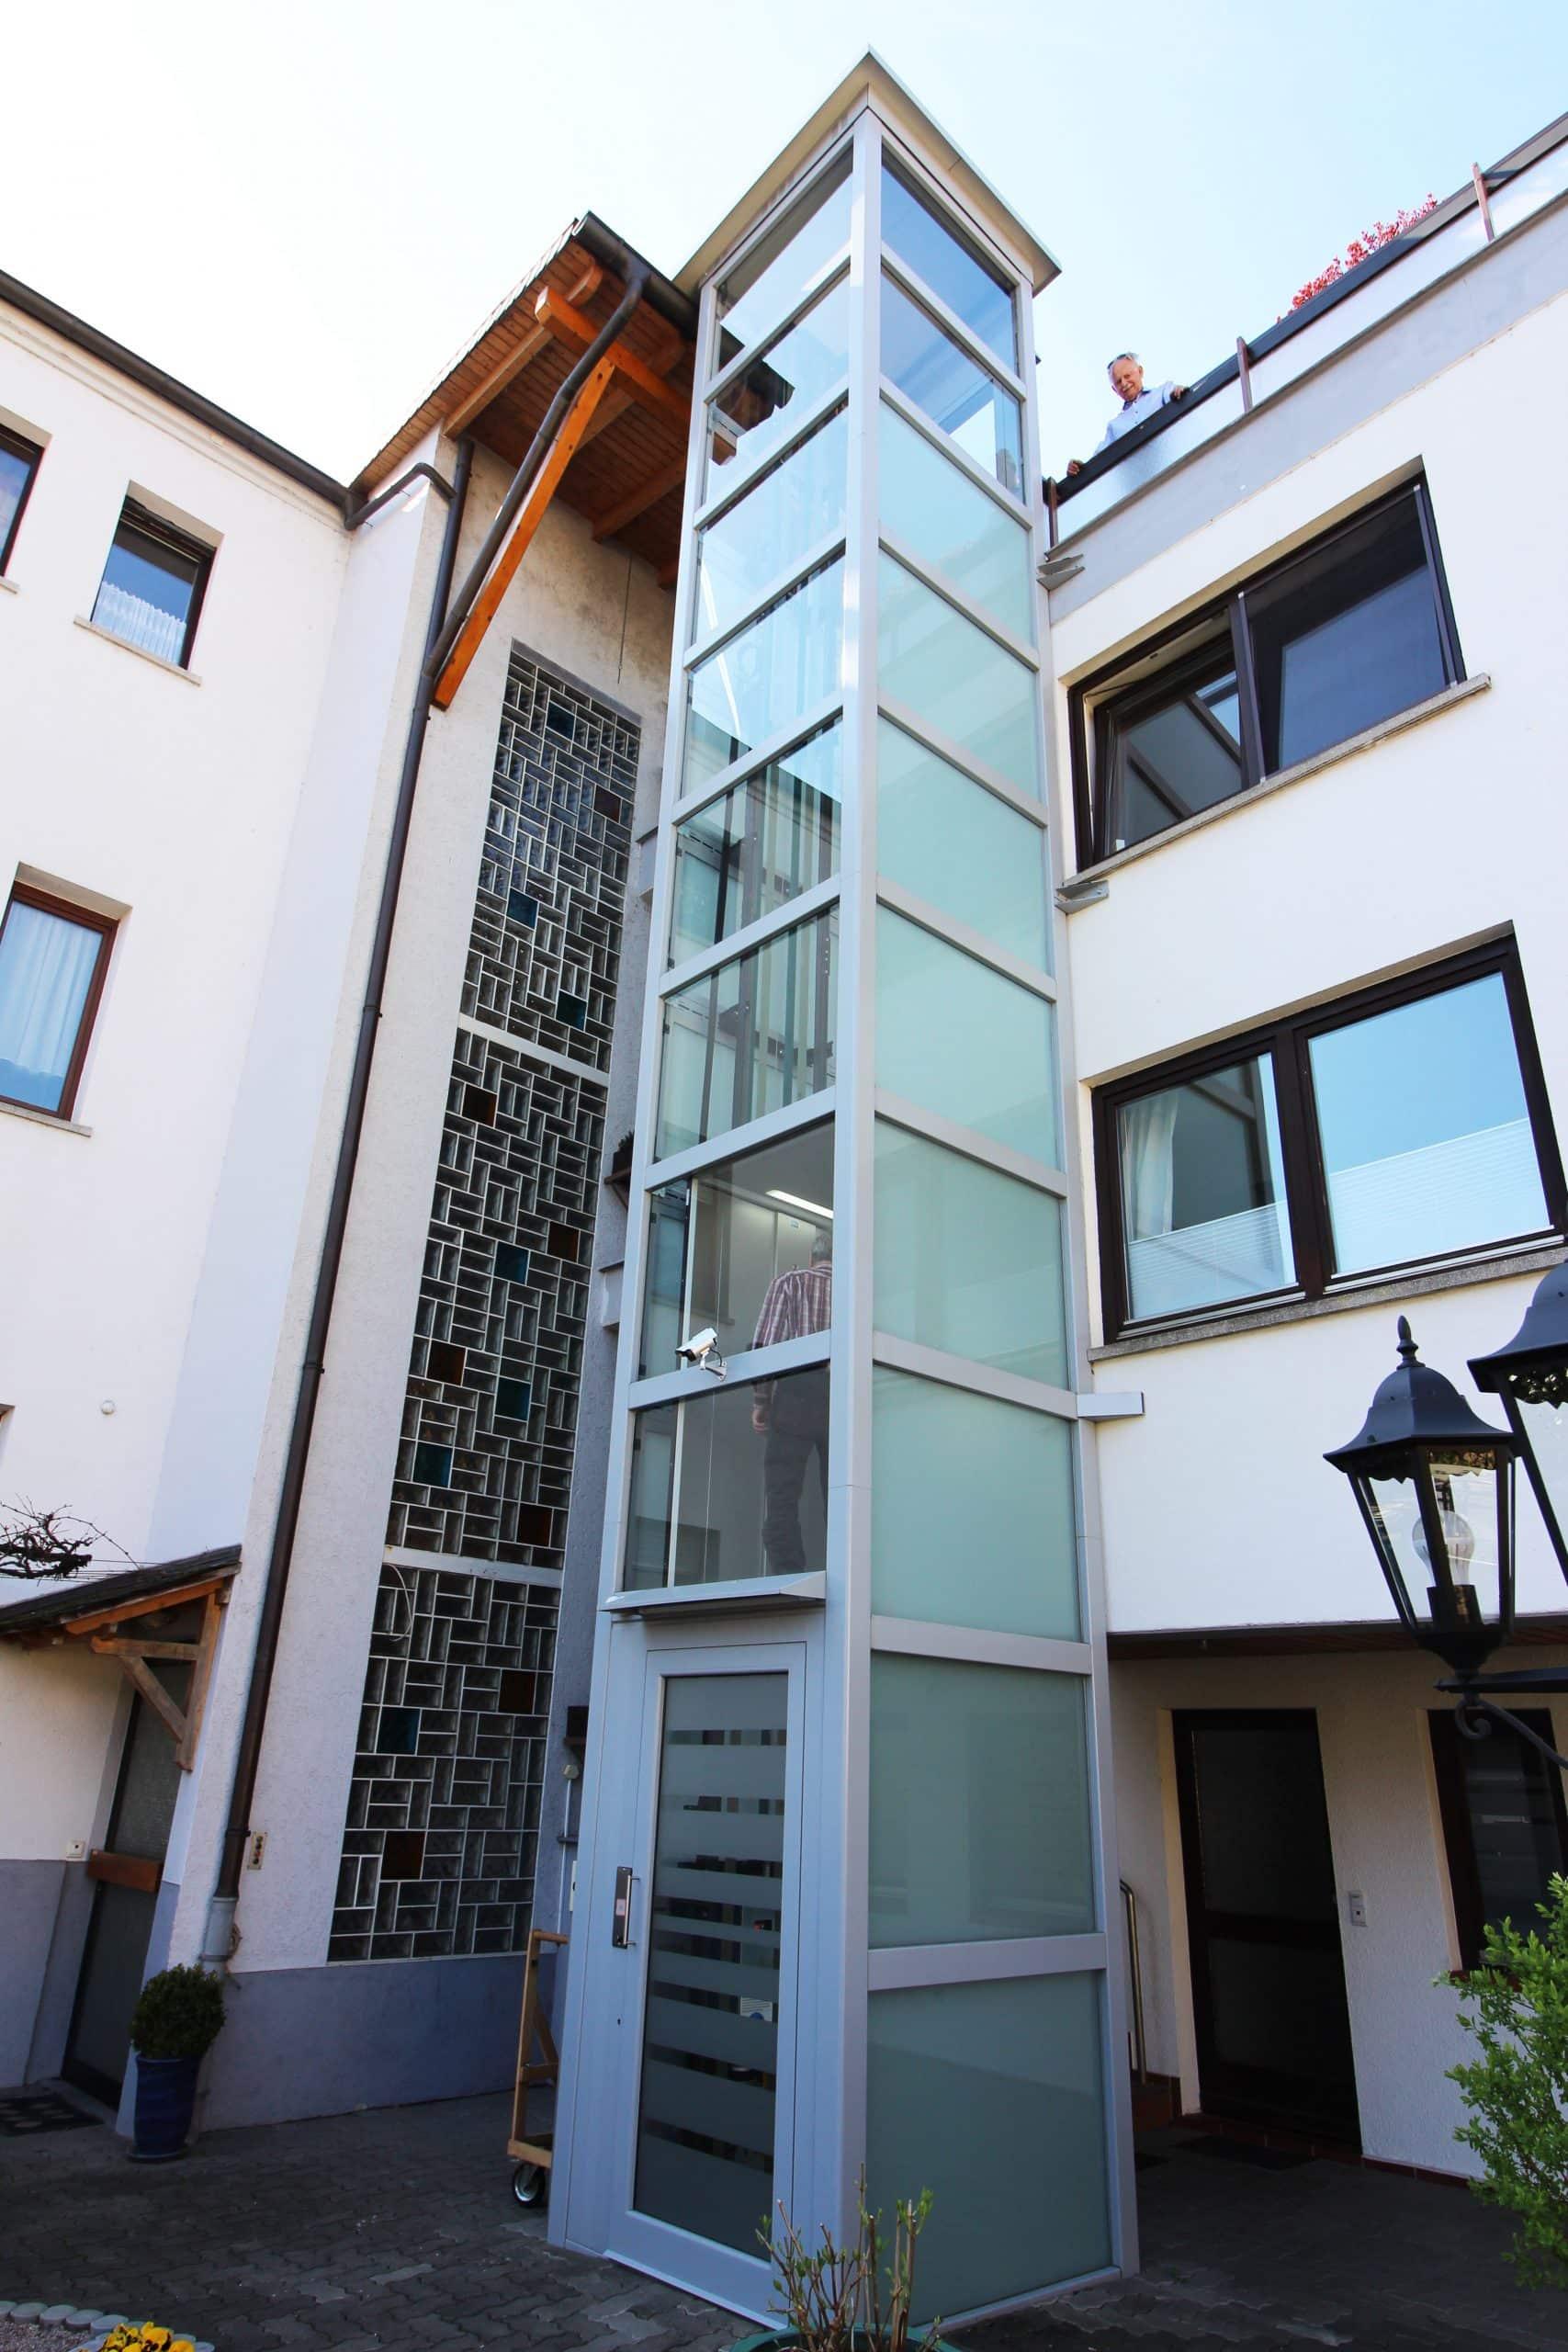 Außenlift aus Glas im Innenhof installiert